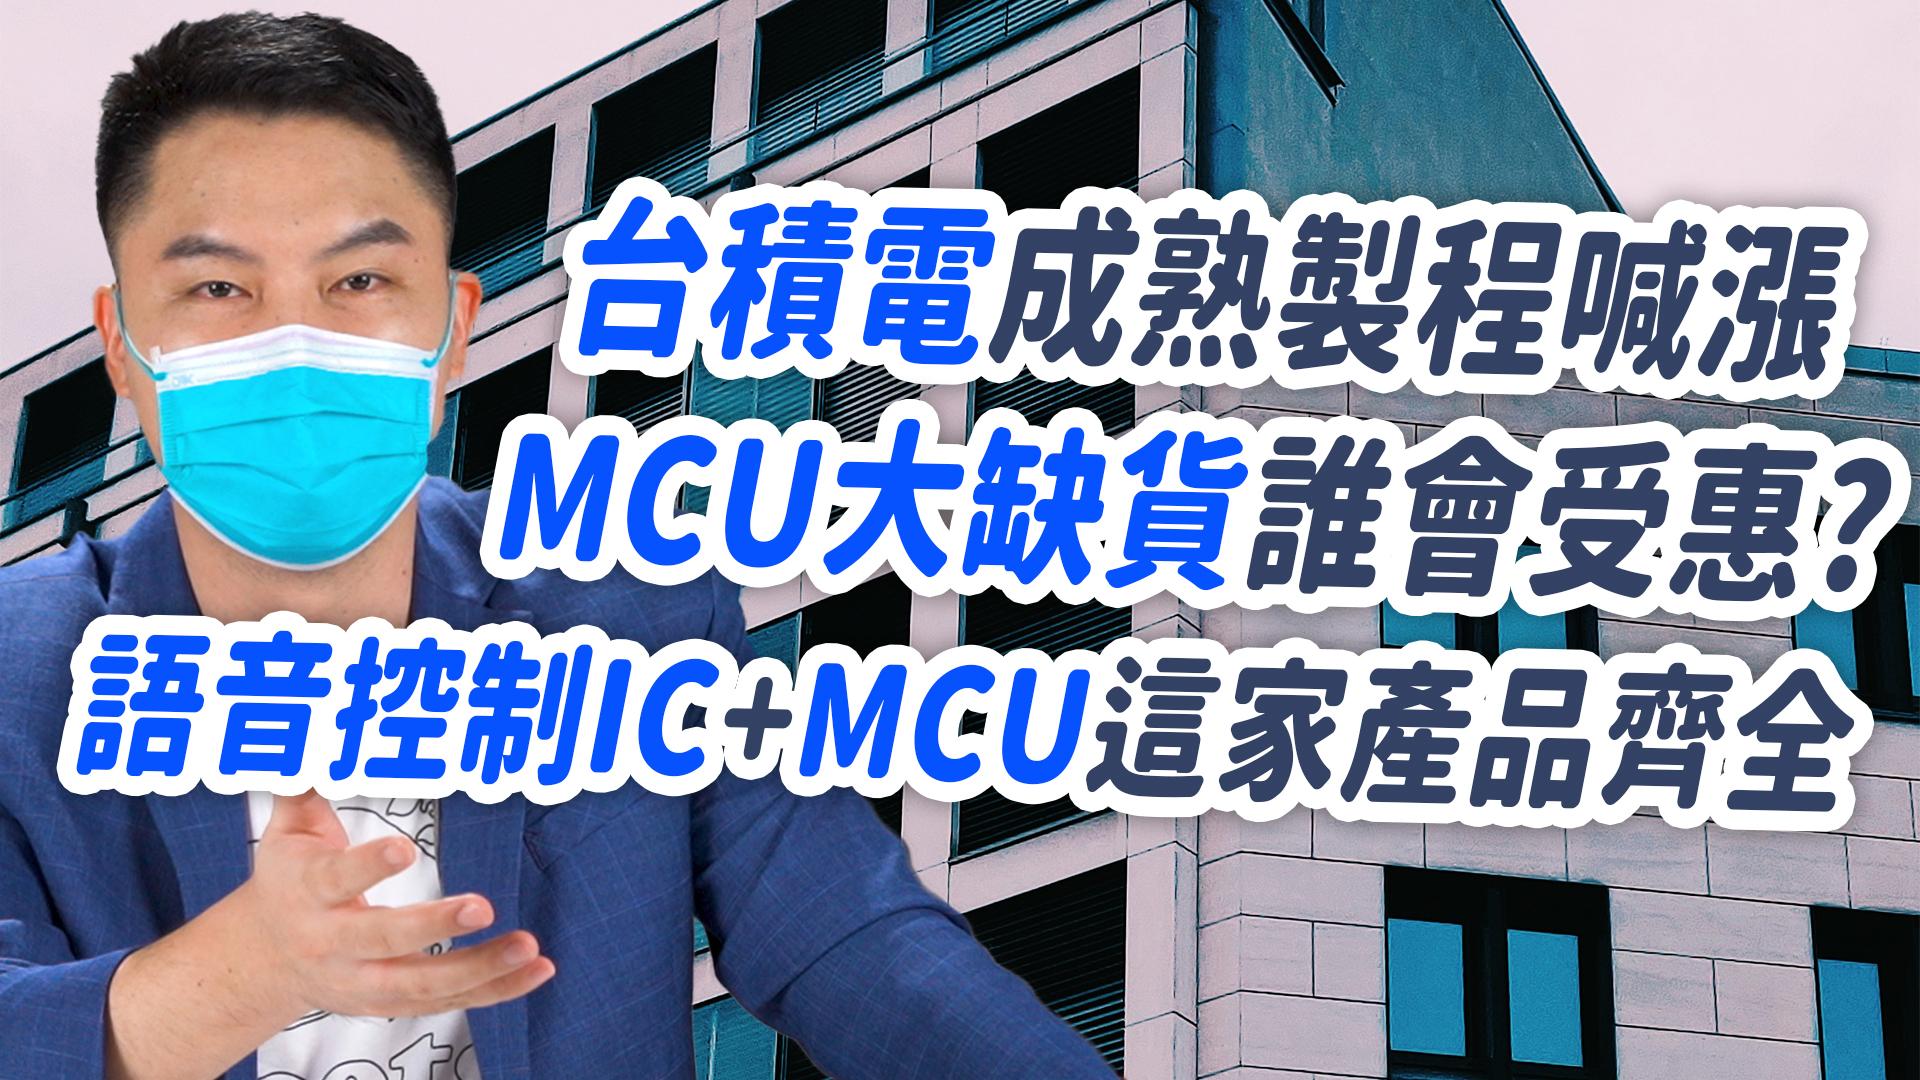 台積電成熟製程喊漲 MCU大缺貨誰會受惠? 語音控制IC+MCU這家產品齊全【股市映幫幫】